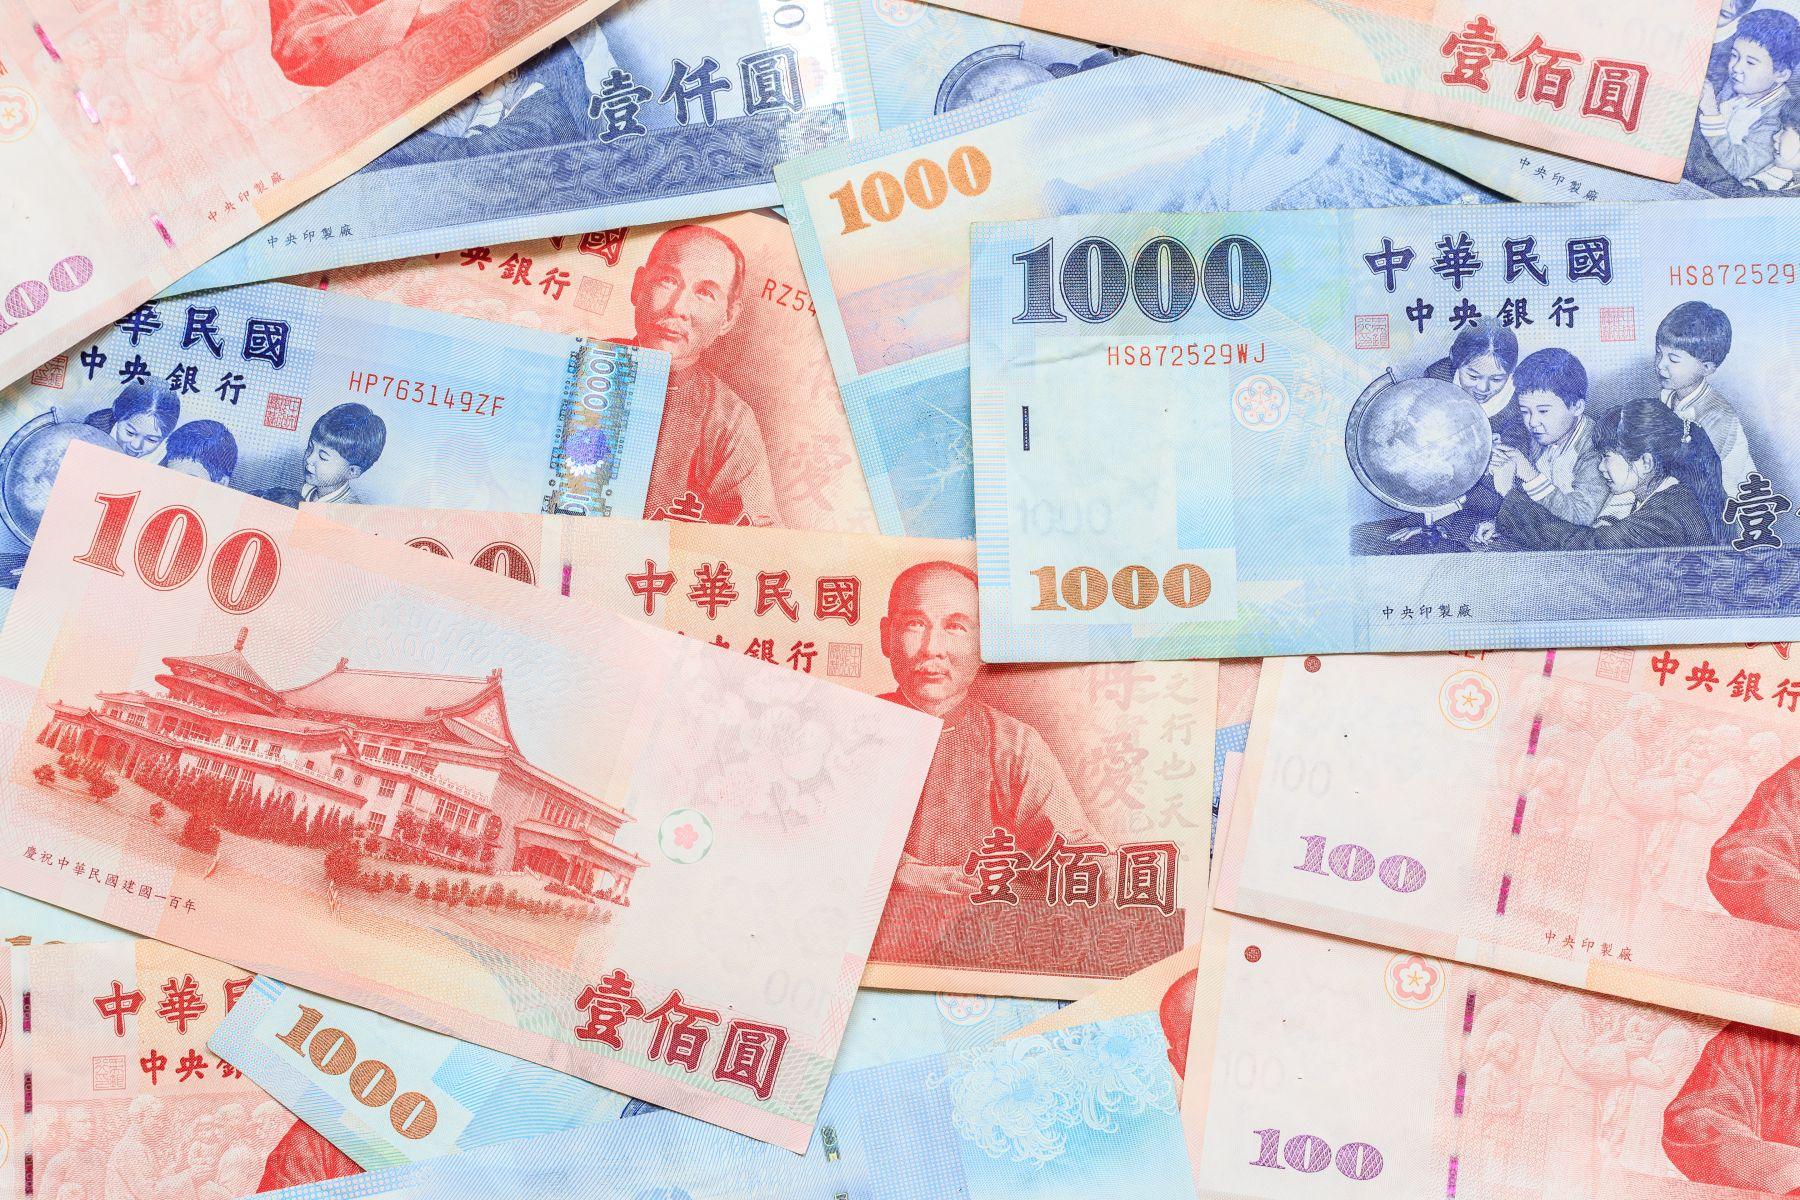 中美貿易戰變匯率戰》工具機大老喊話 放手讓台幣貶至33元! 人民幣、韓元在競貶...